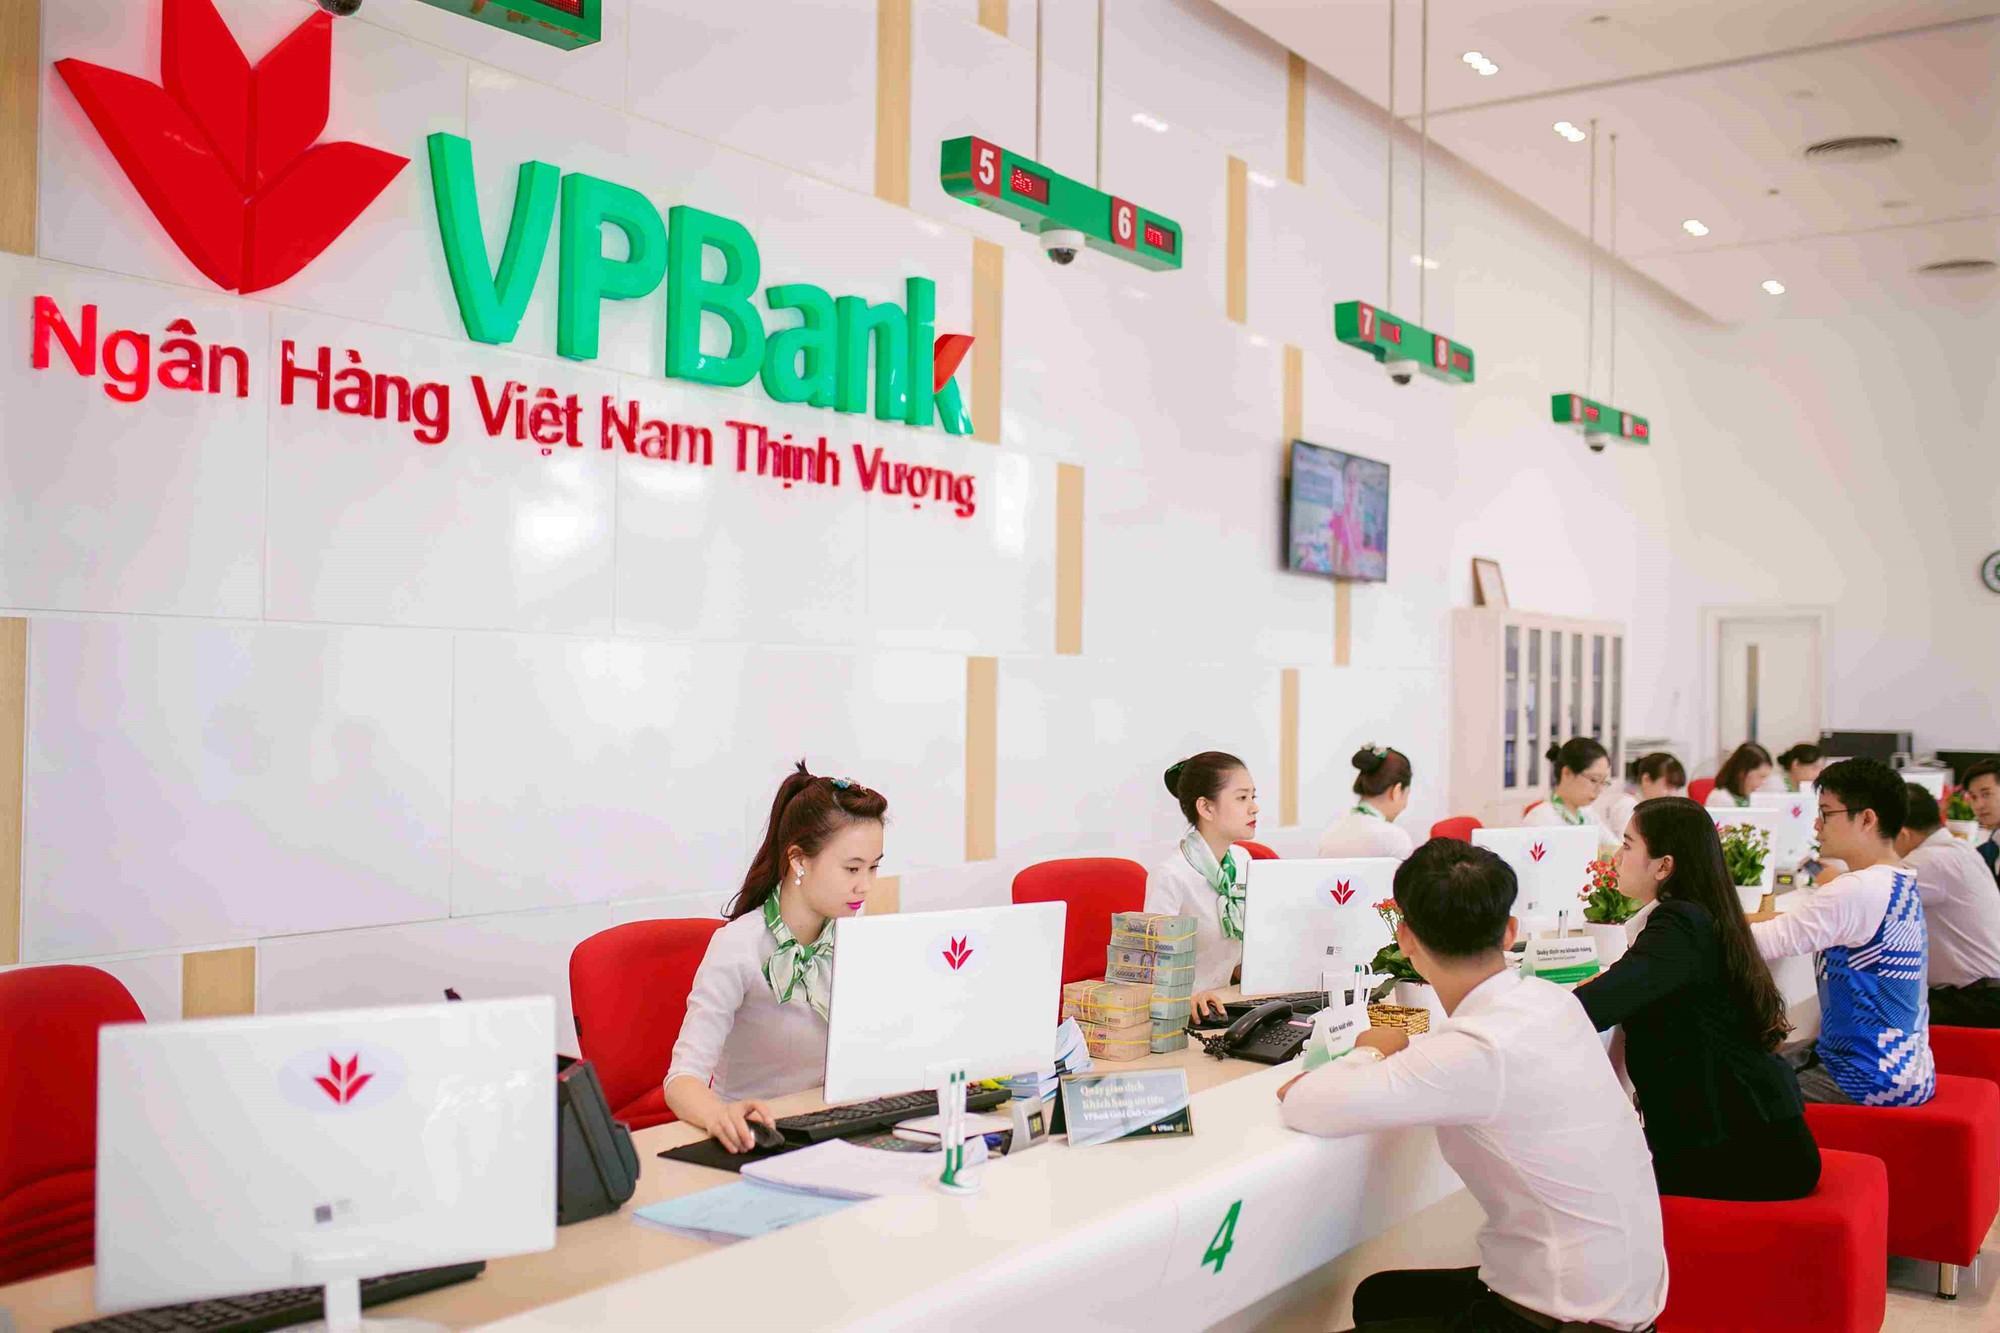 Giờ làm việc ngân hàng VPBank năm 2021 tại các chi nhánh toàn quốc - Ảnh 1.